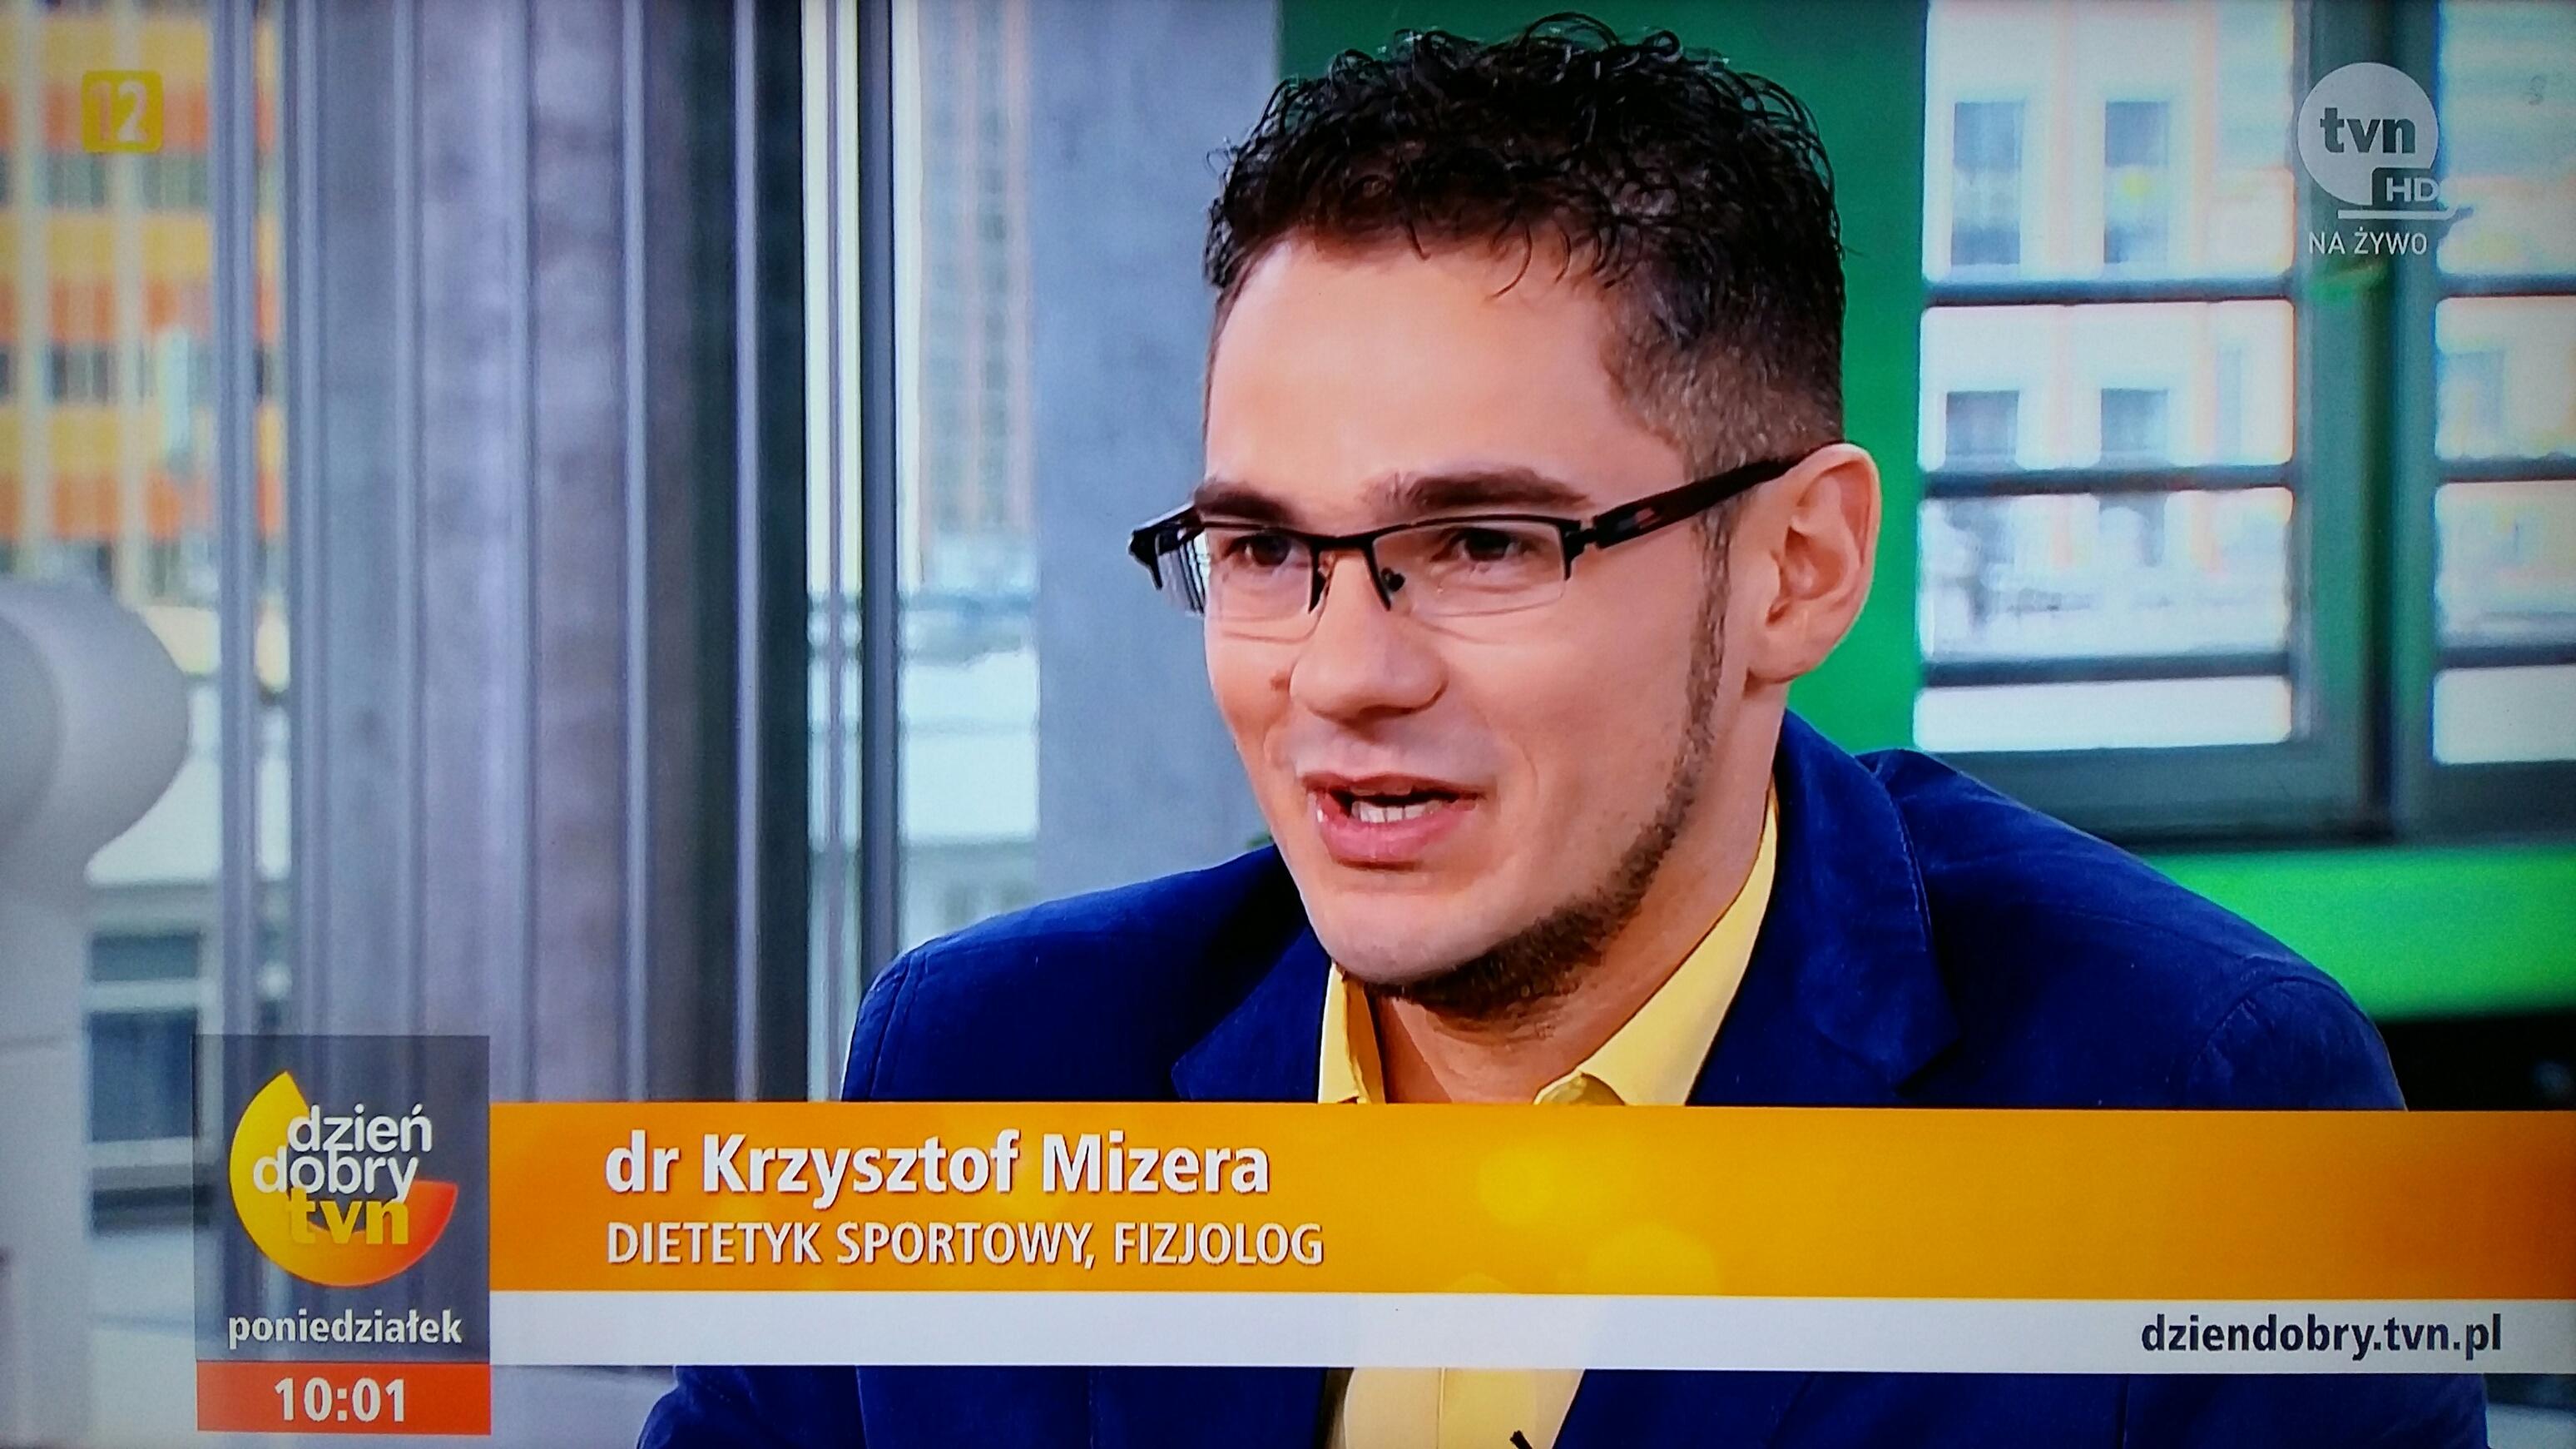 Dietetyk sportowy, fizjolog Krzysztof Mizera